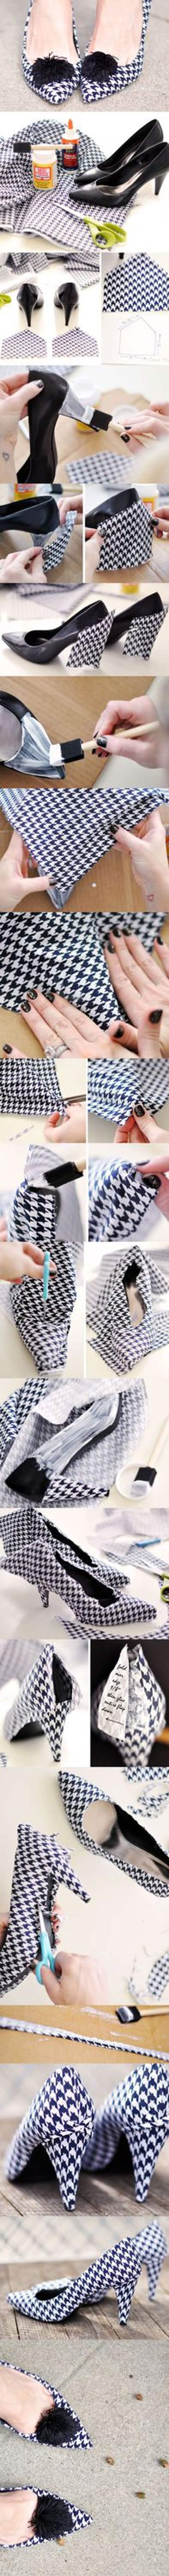 Красивые идеи переделки обуви: просто, стильно и со вкусом